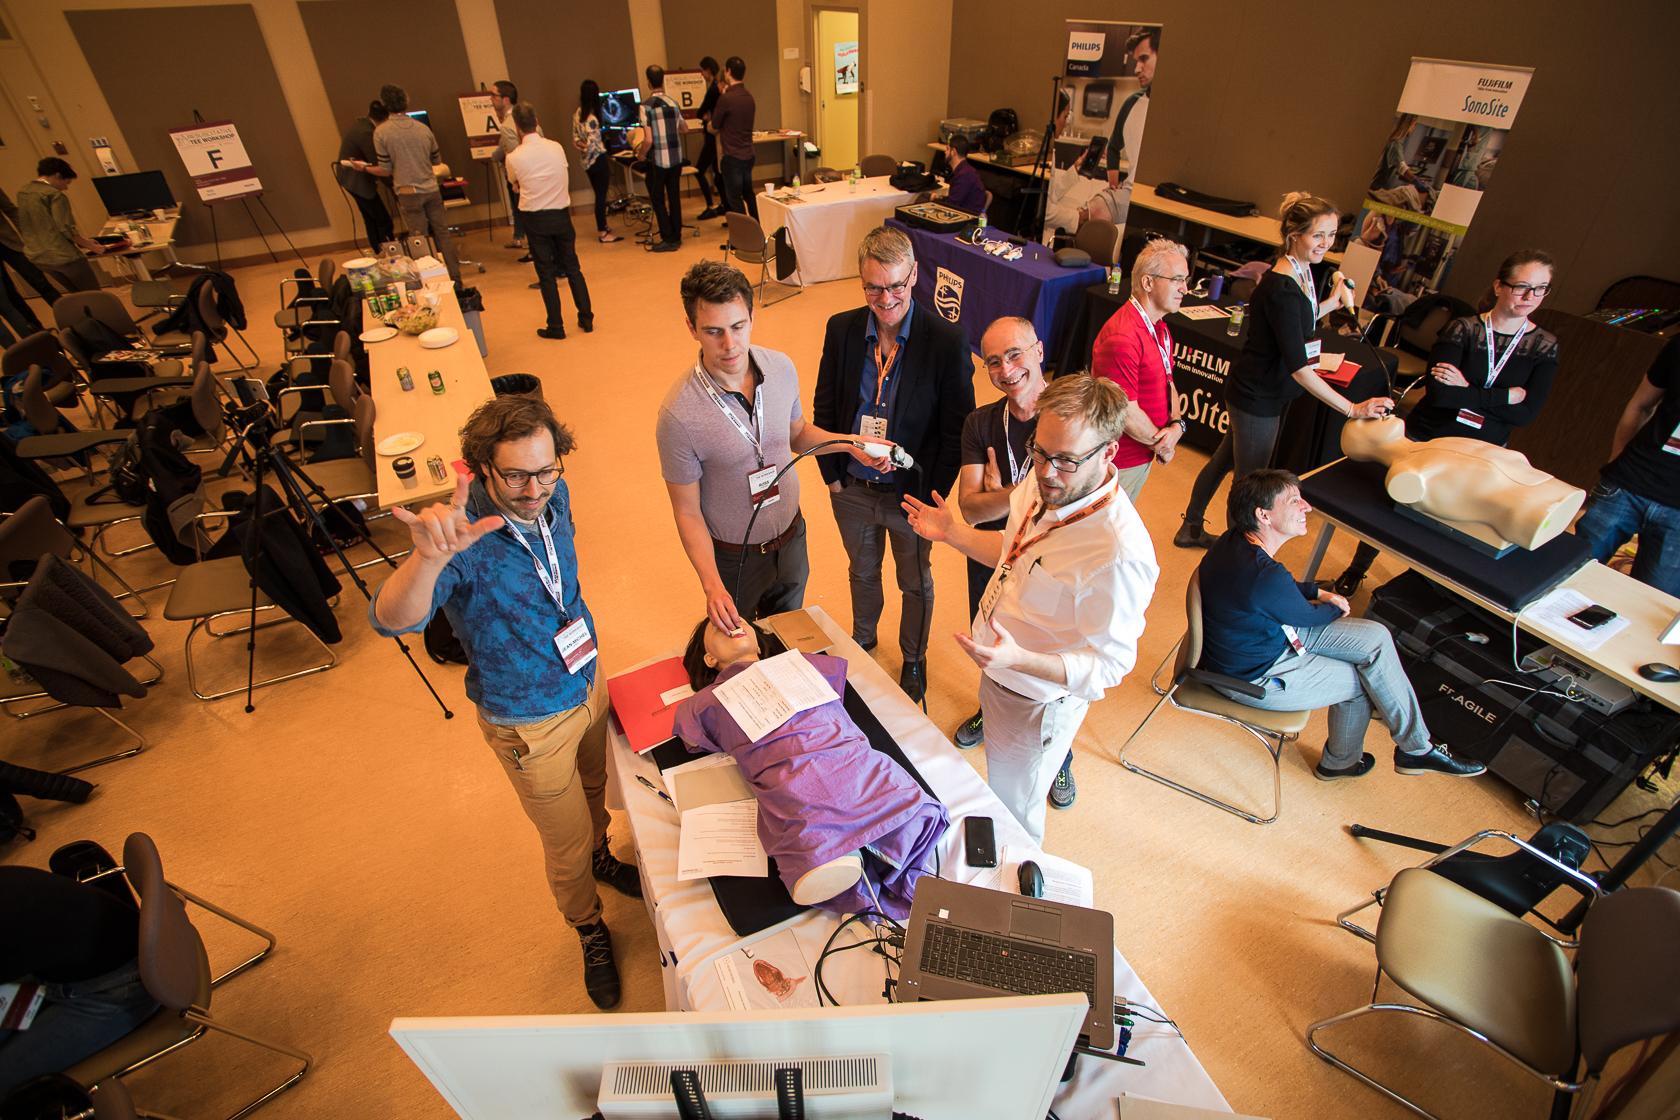 Resus_TEE_Workshop_Montreal_2019-53.jpg